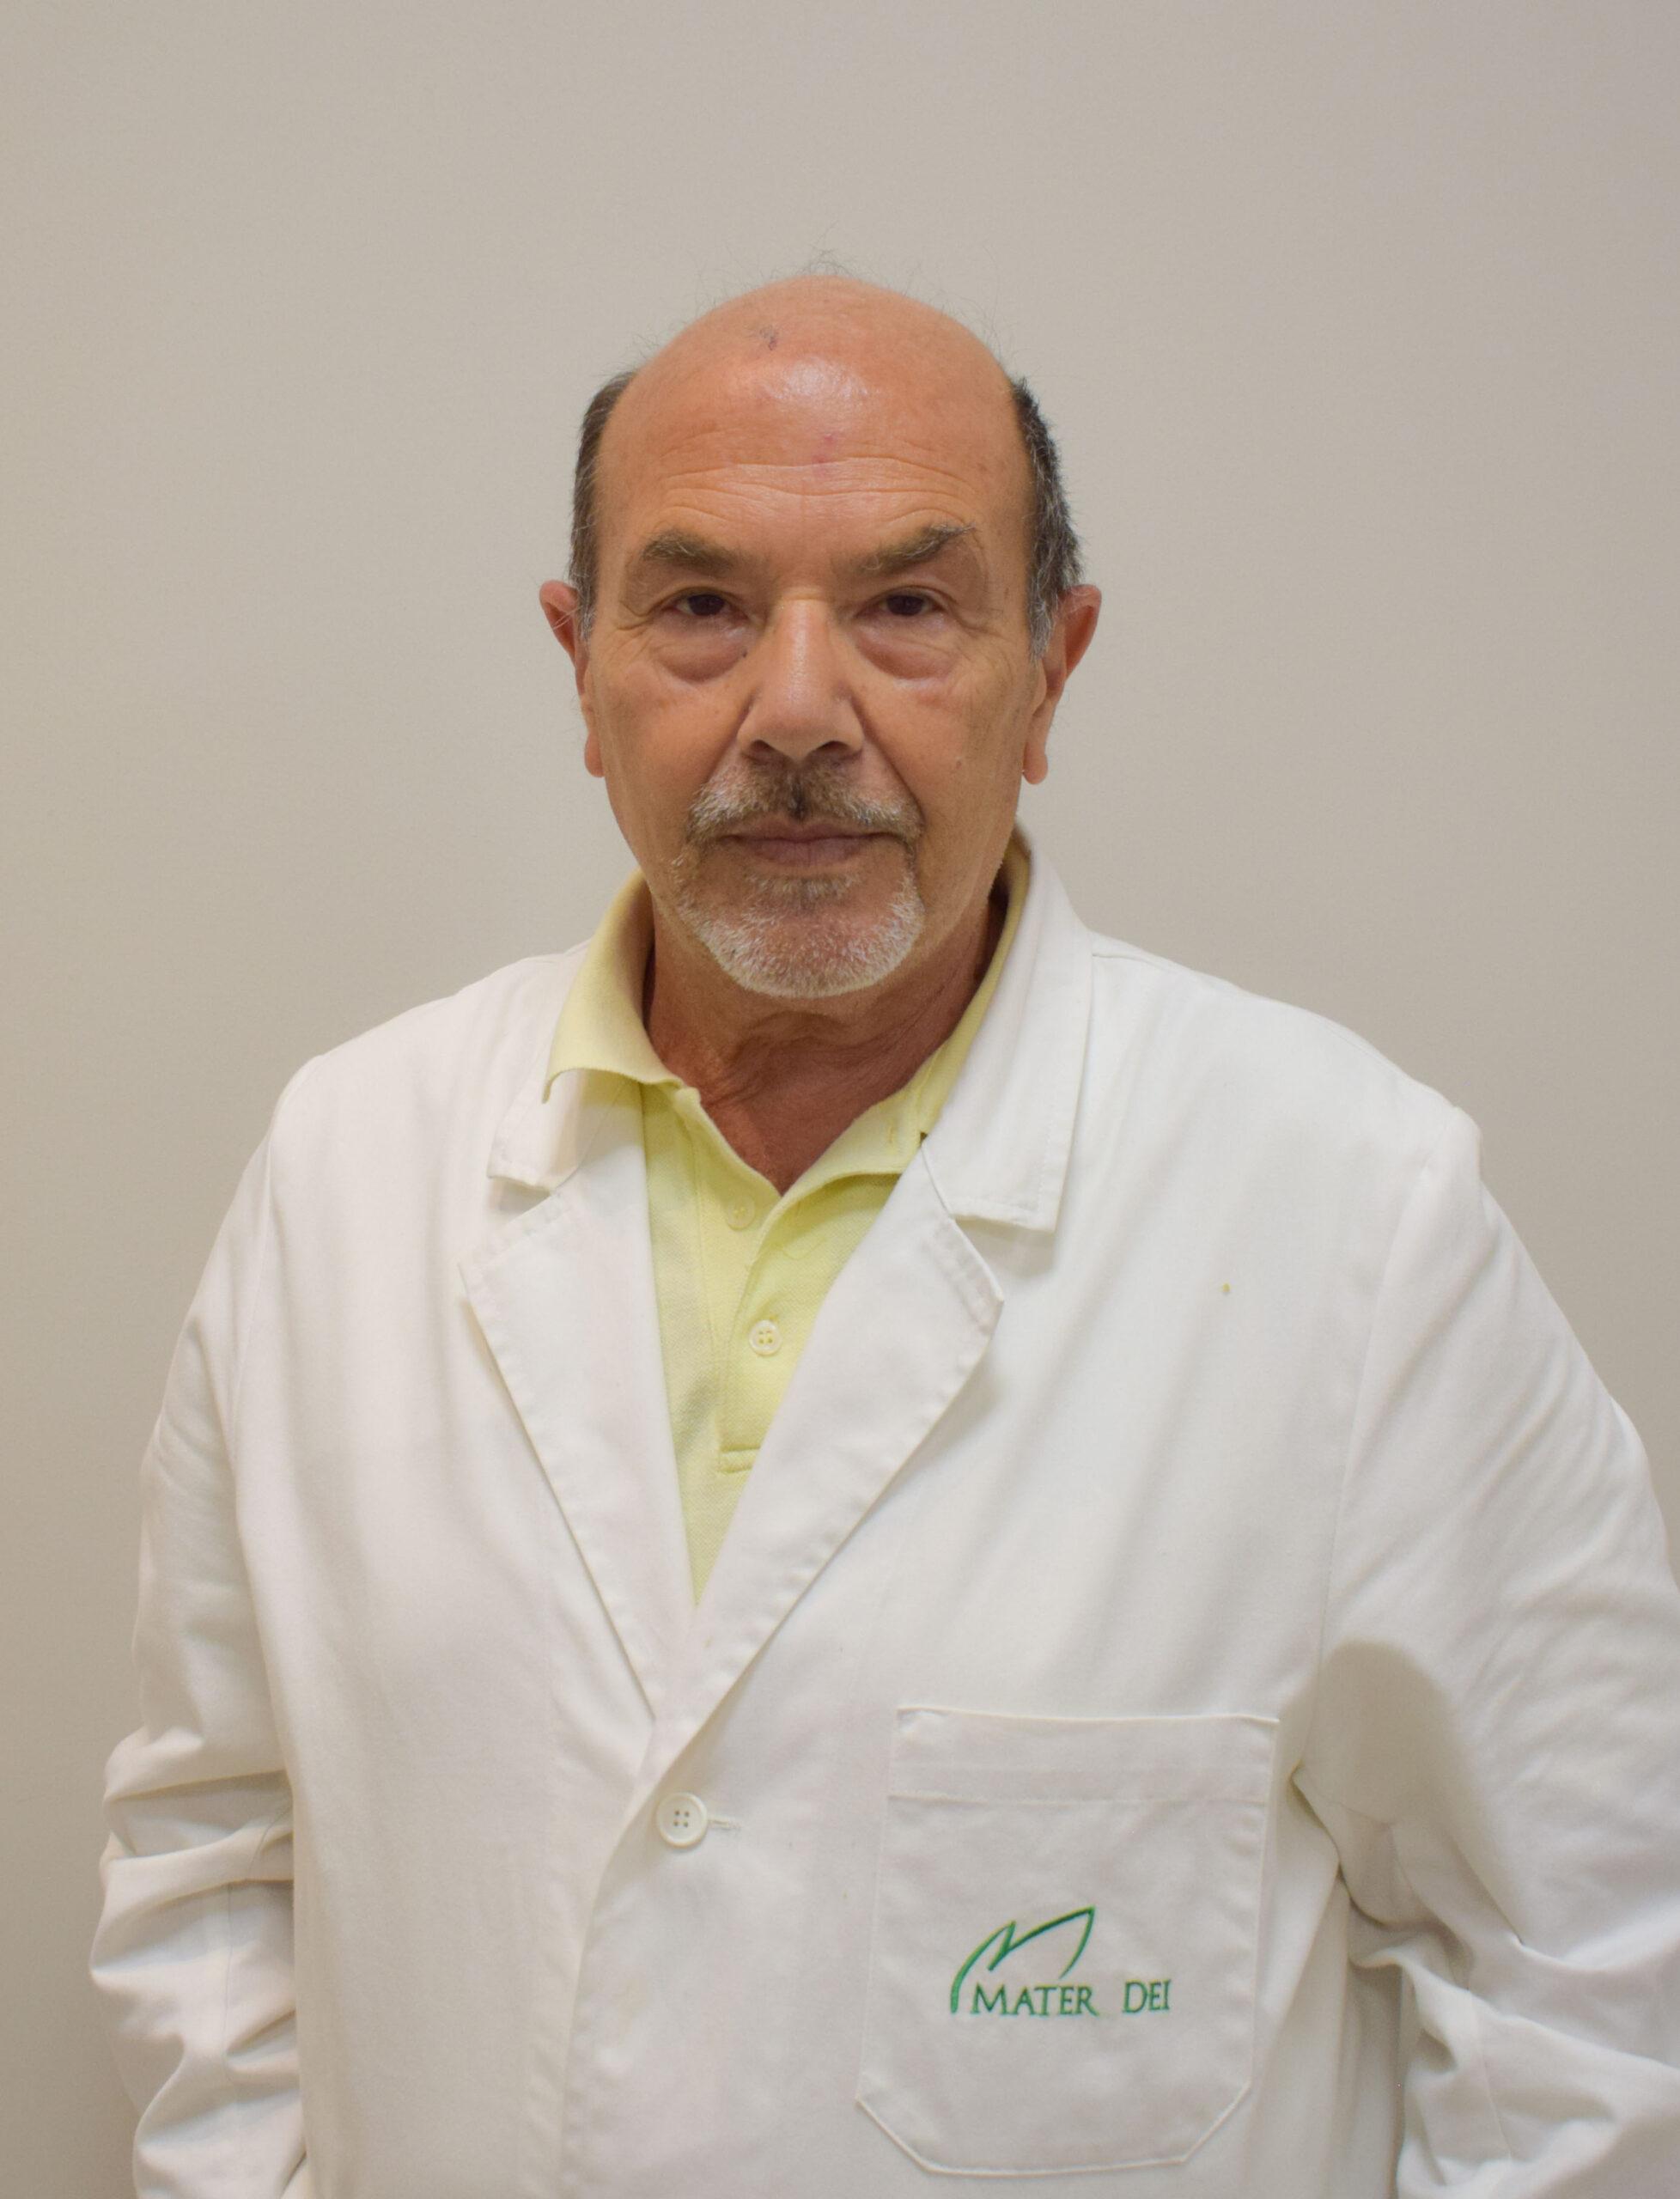 Dott. Guido Ciavola